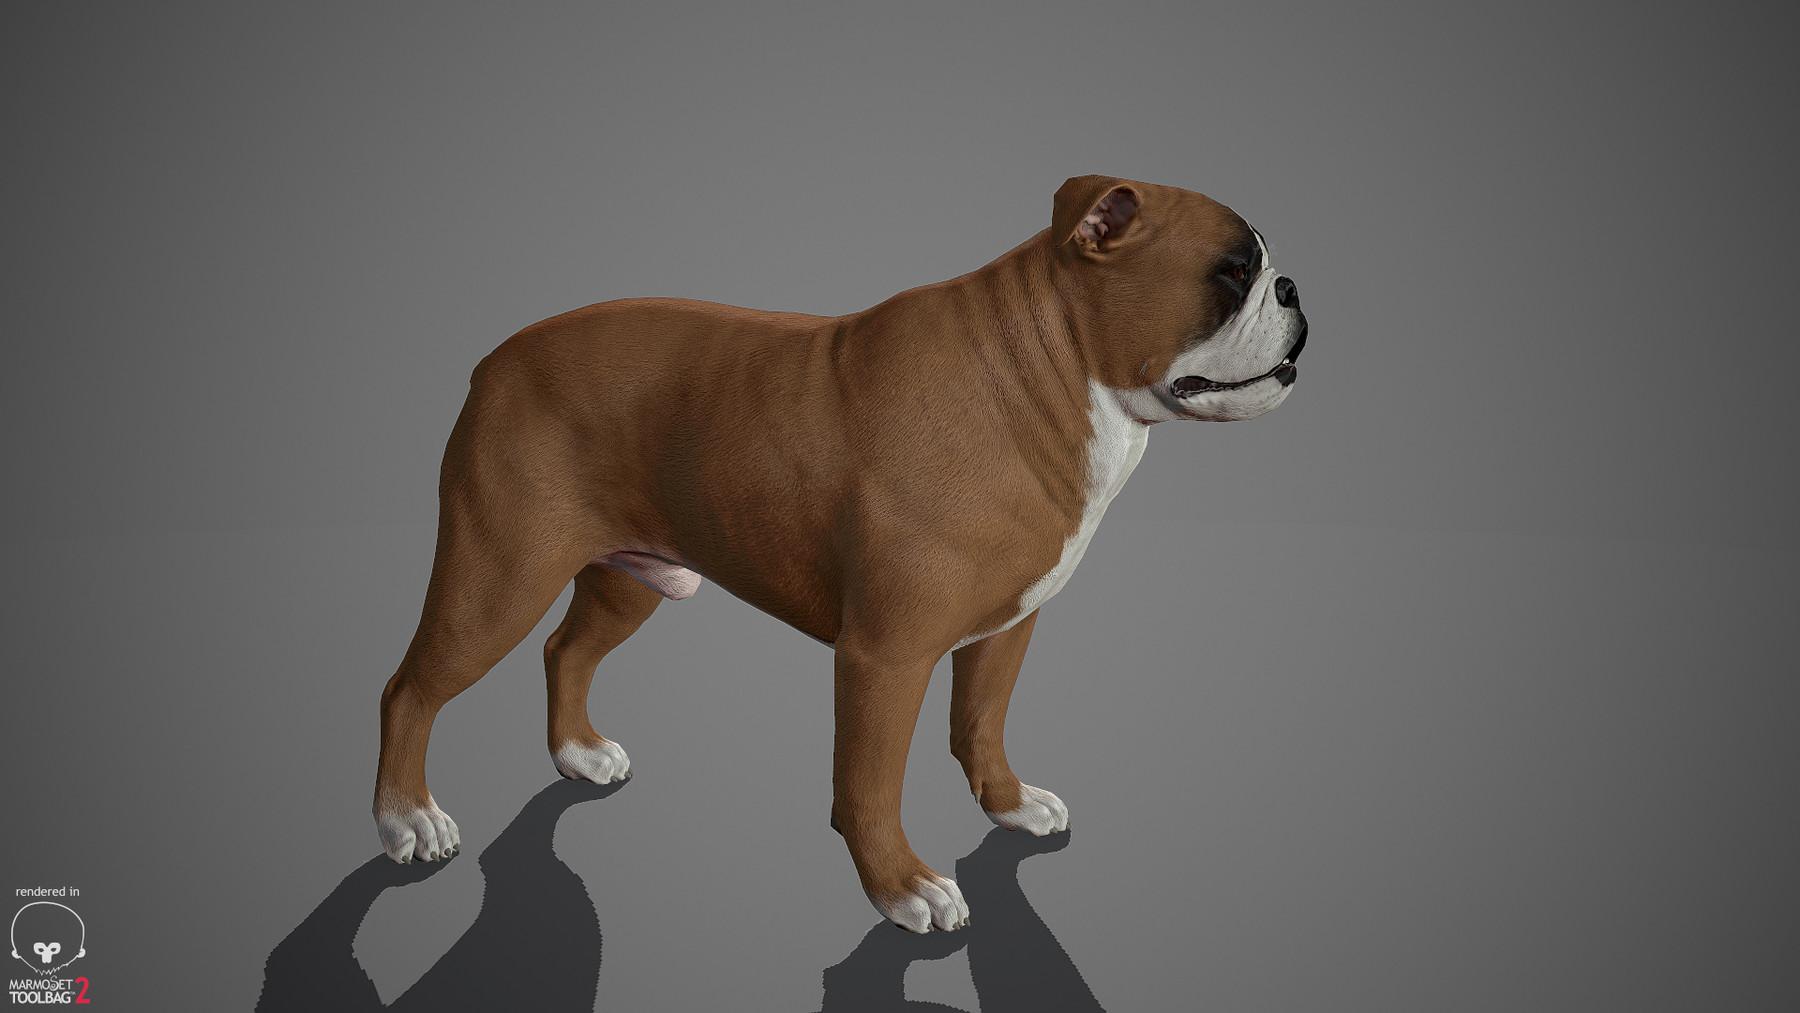 Englishbulldog by alexlashko marmoset 22